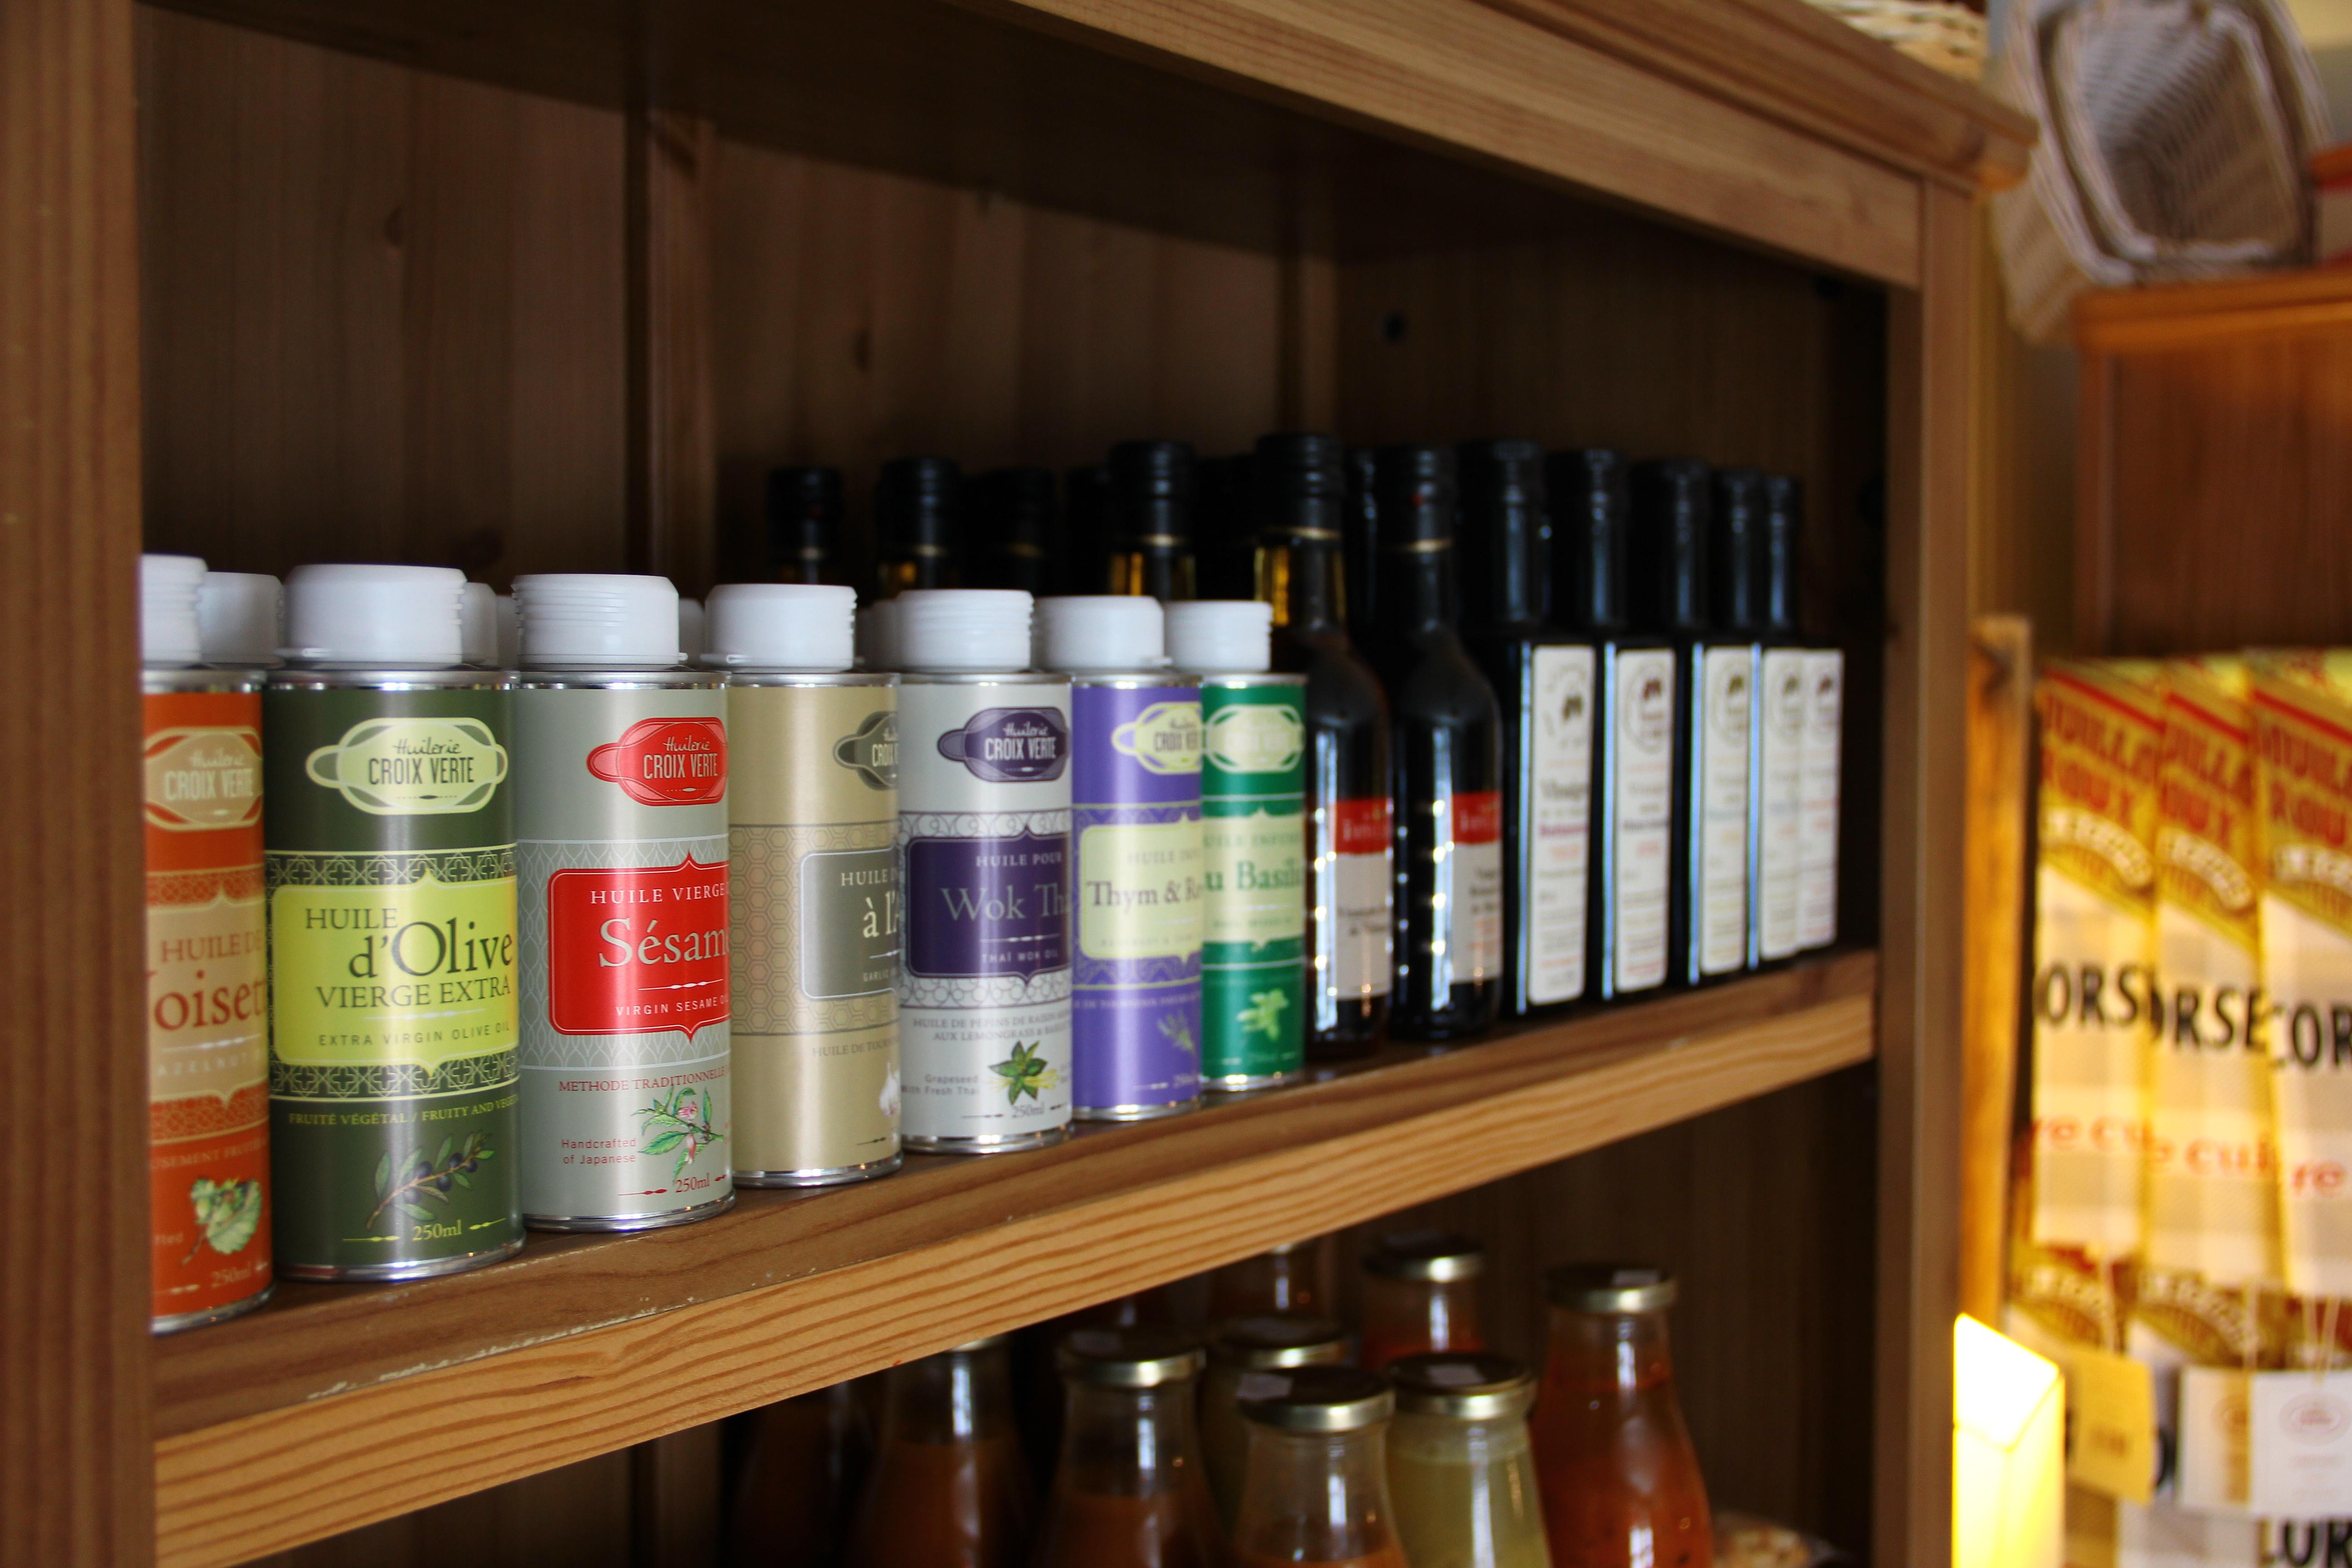 Les huiles et vinaigres